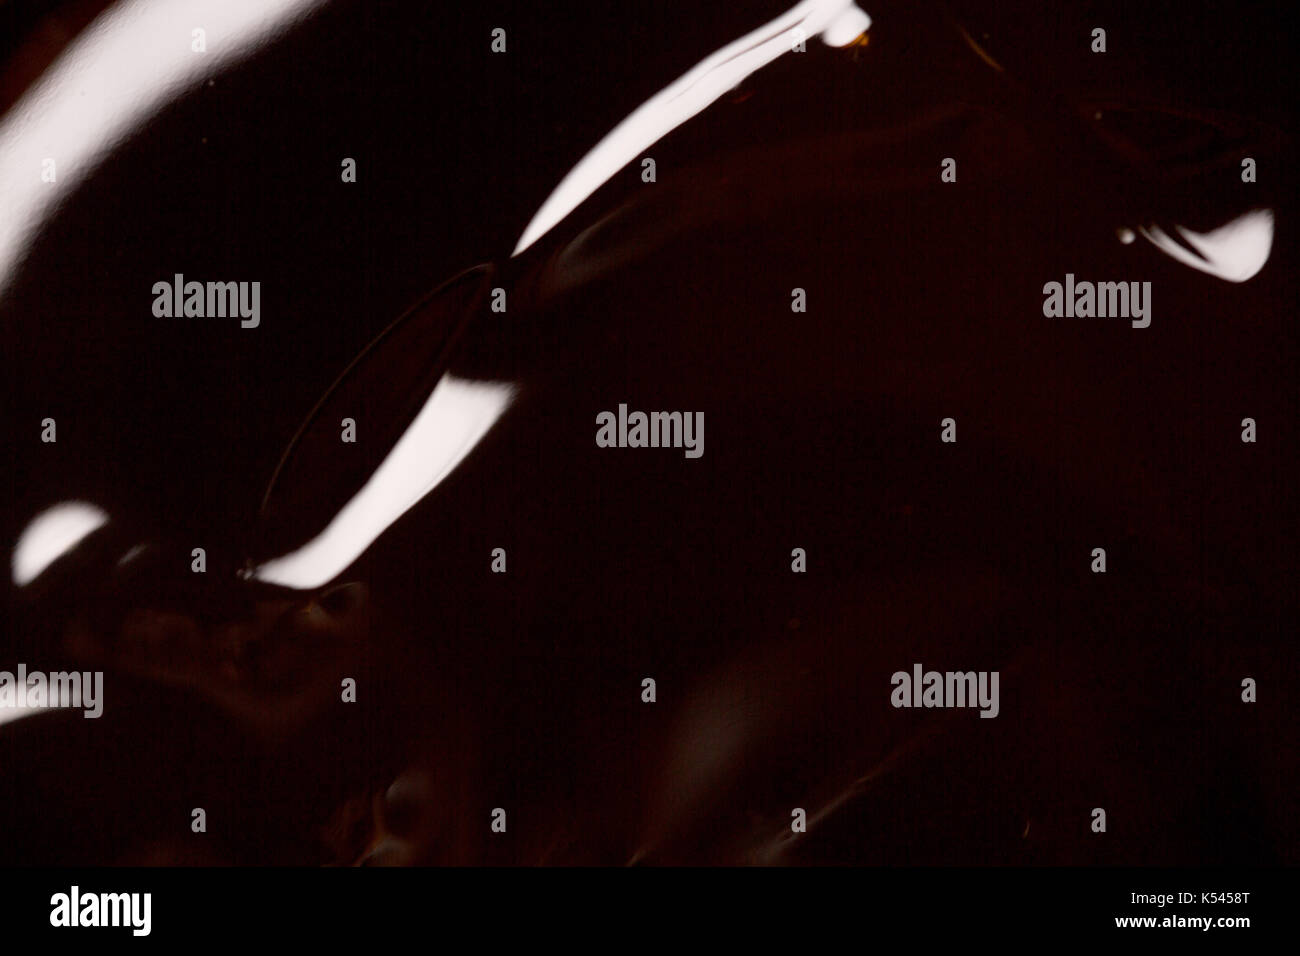 Blured abstrakte braunen Hintergrund. Makro Foto abstrakt. Stockbild